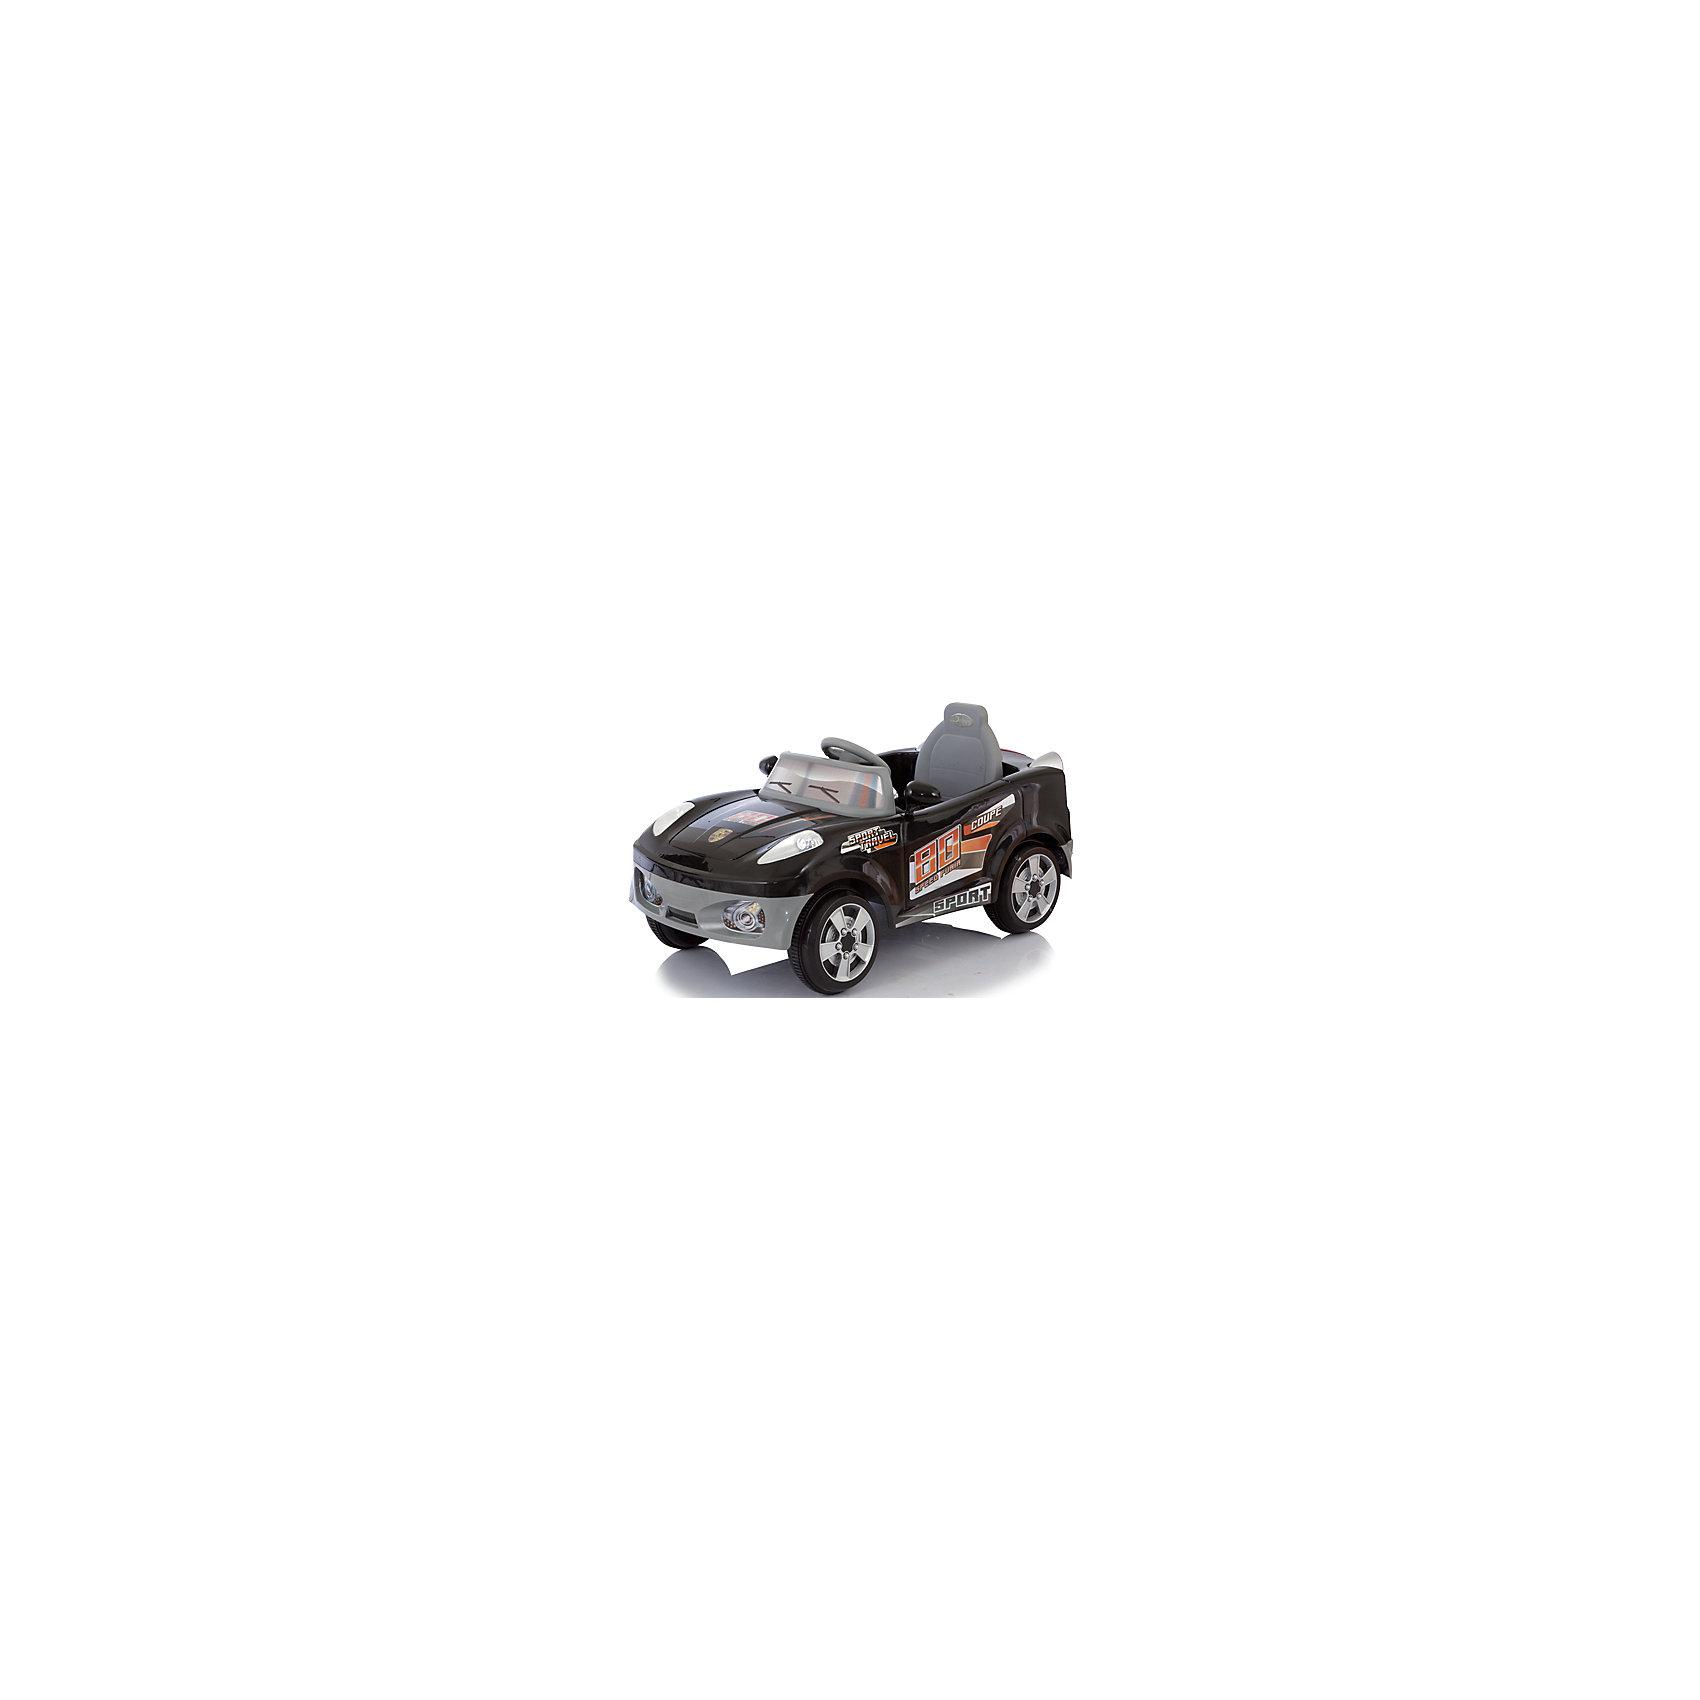 Электромобиль Coupe, черный, Jetem